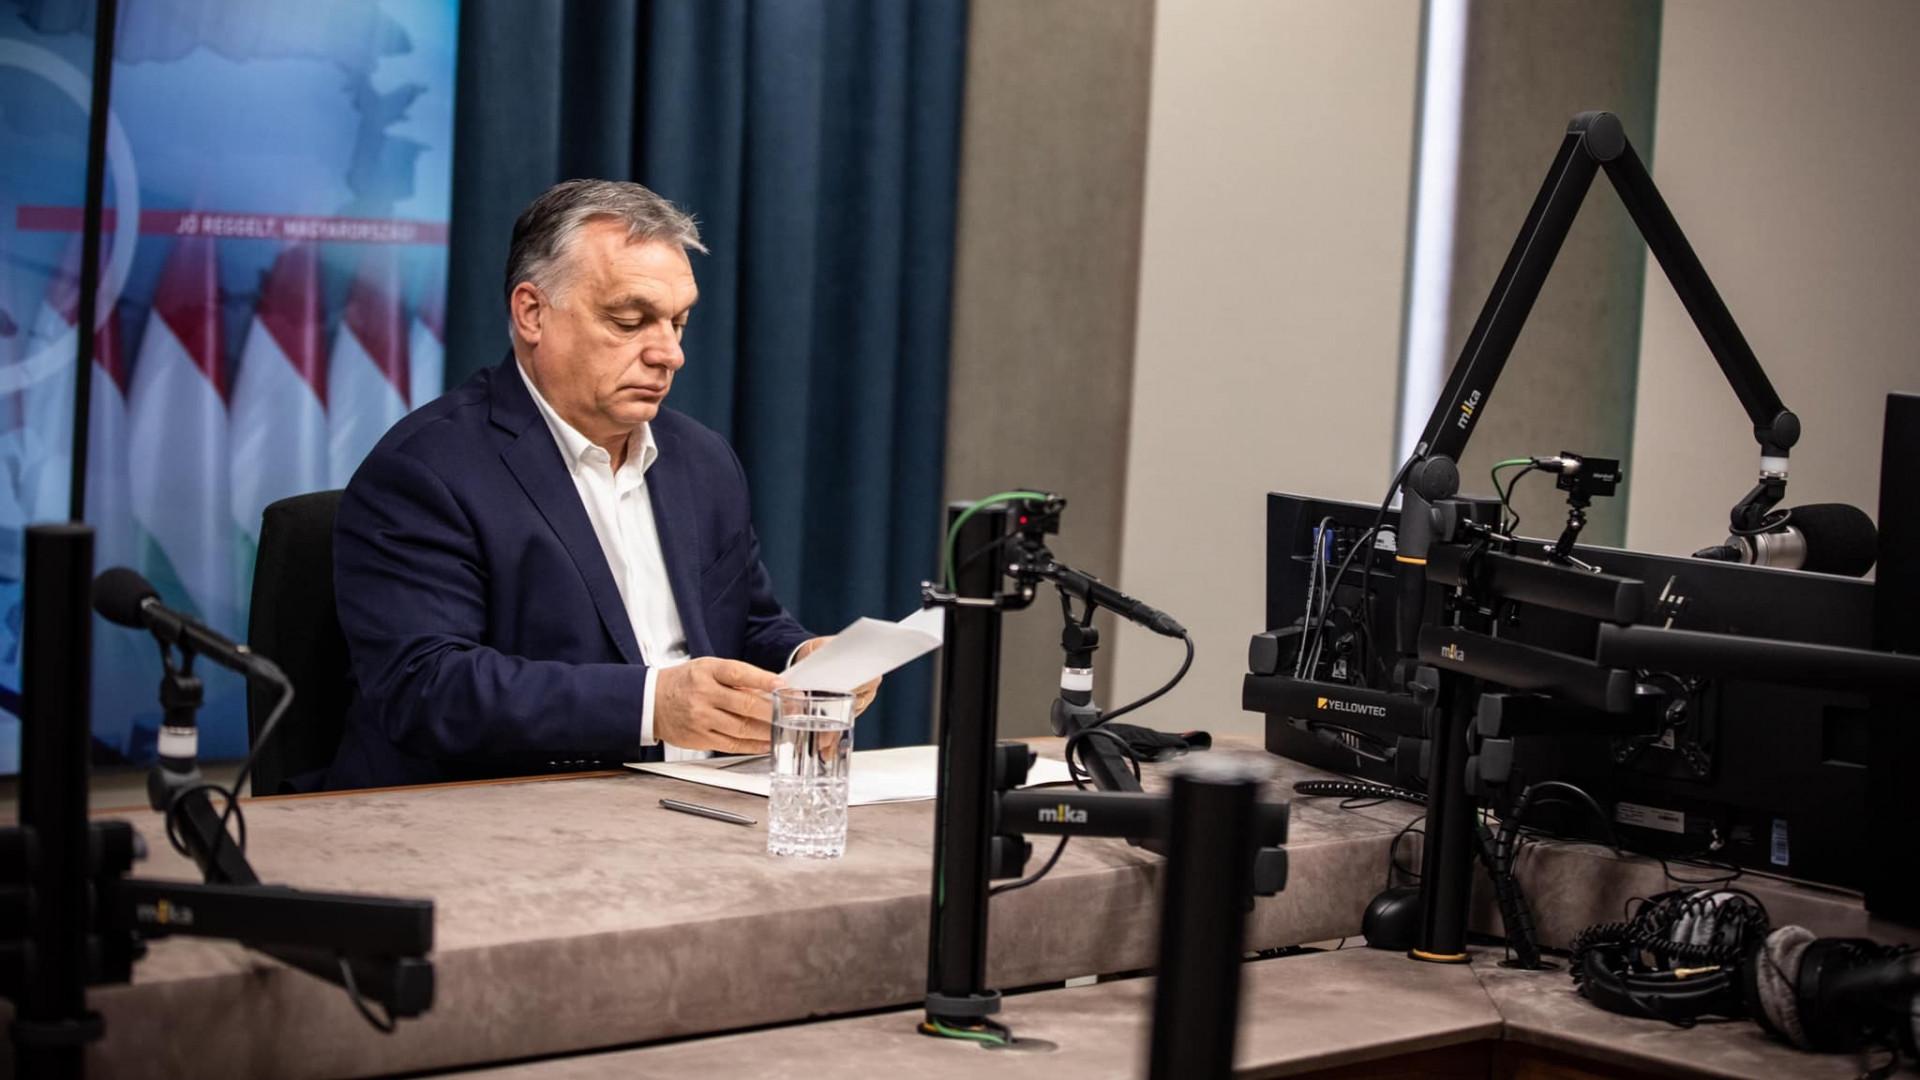 Perceken belül megszólal Orbán Viktor a magyar járványhelyzetről